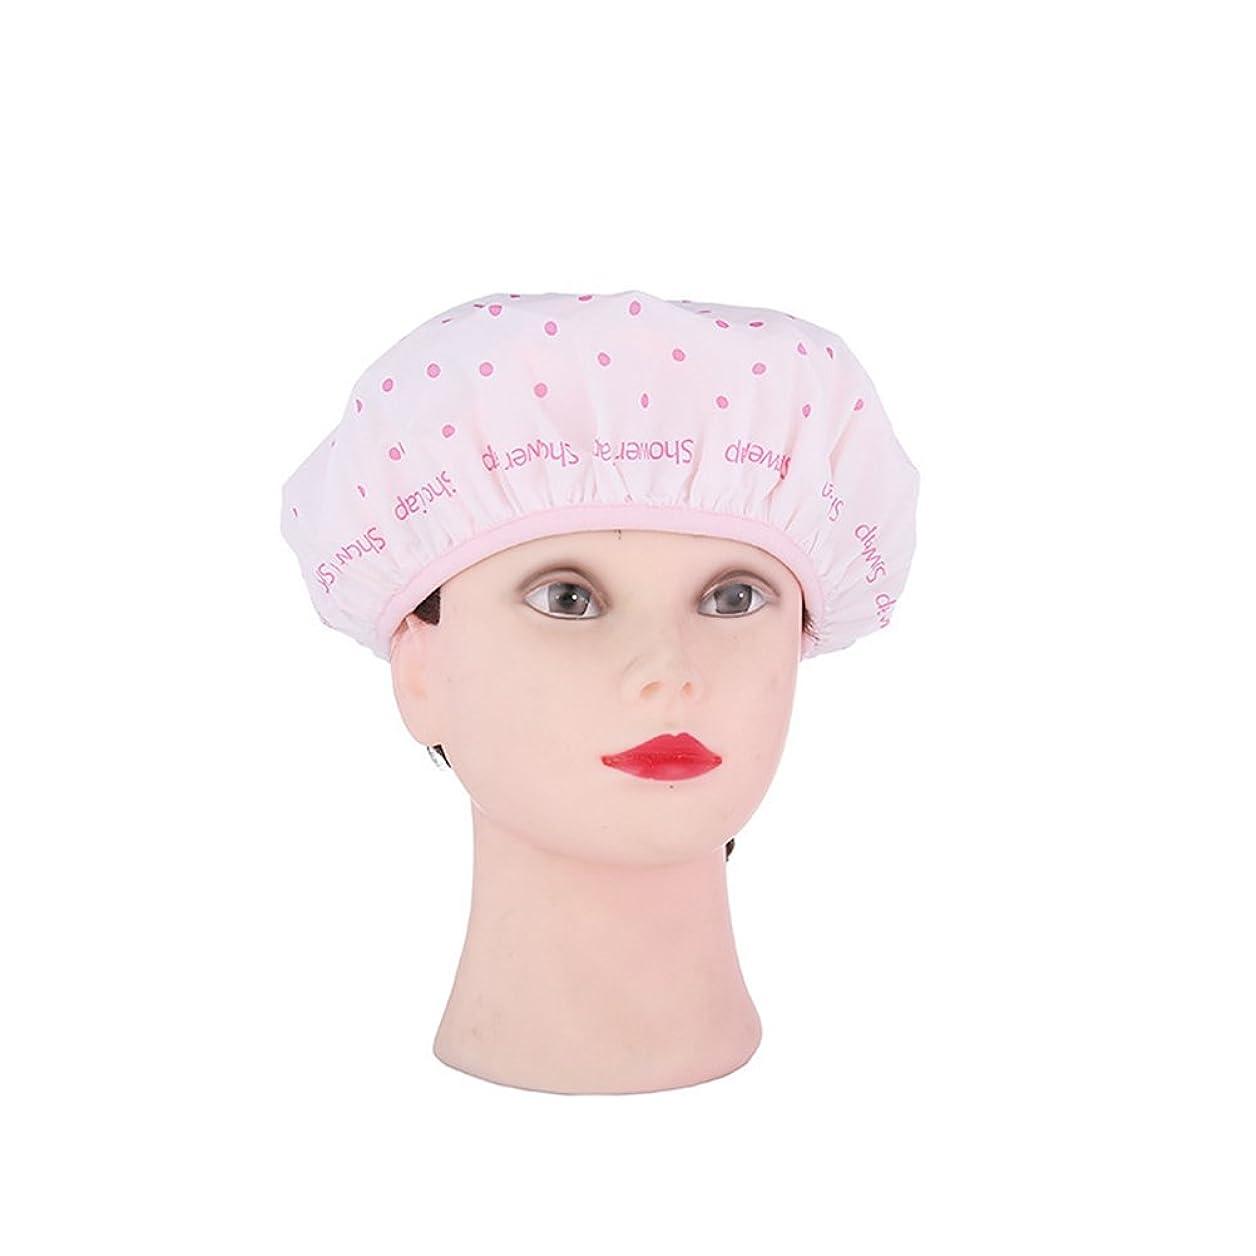 輪郭機械的操るROSENICE シャワーキャップ防水性モールド抵抗性の洗えるシャワーキャップかわいいやわらかい髪の帽子(ピンク)